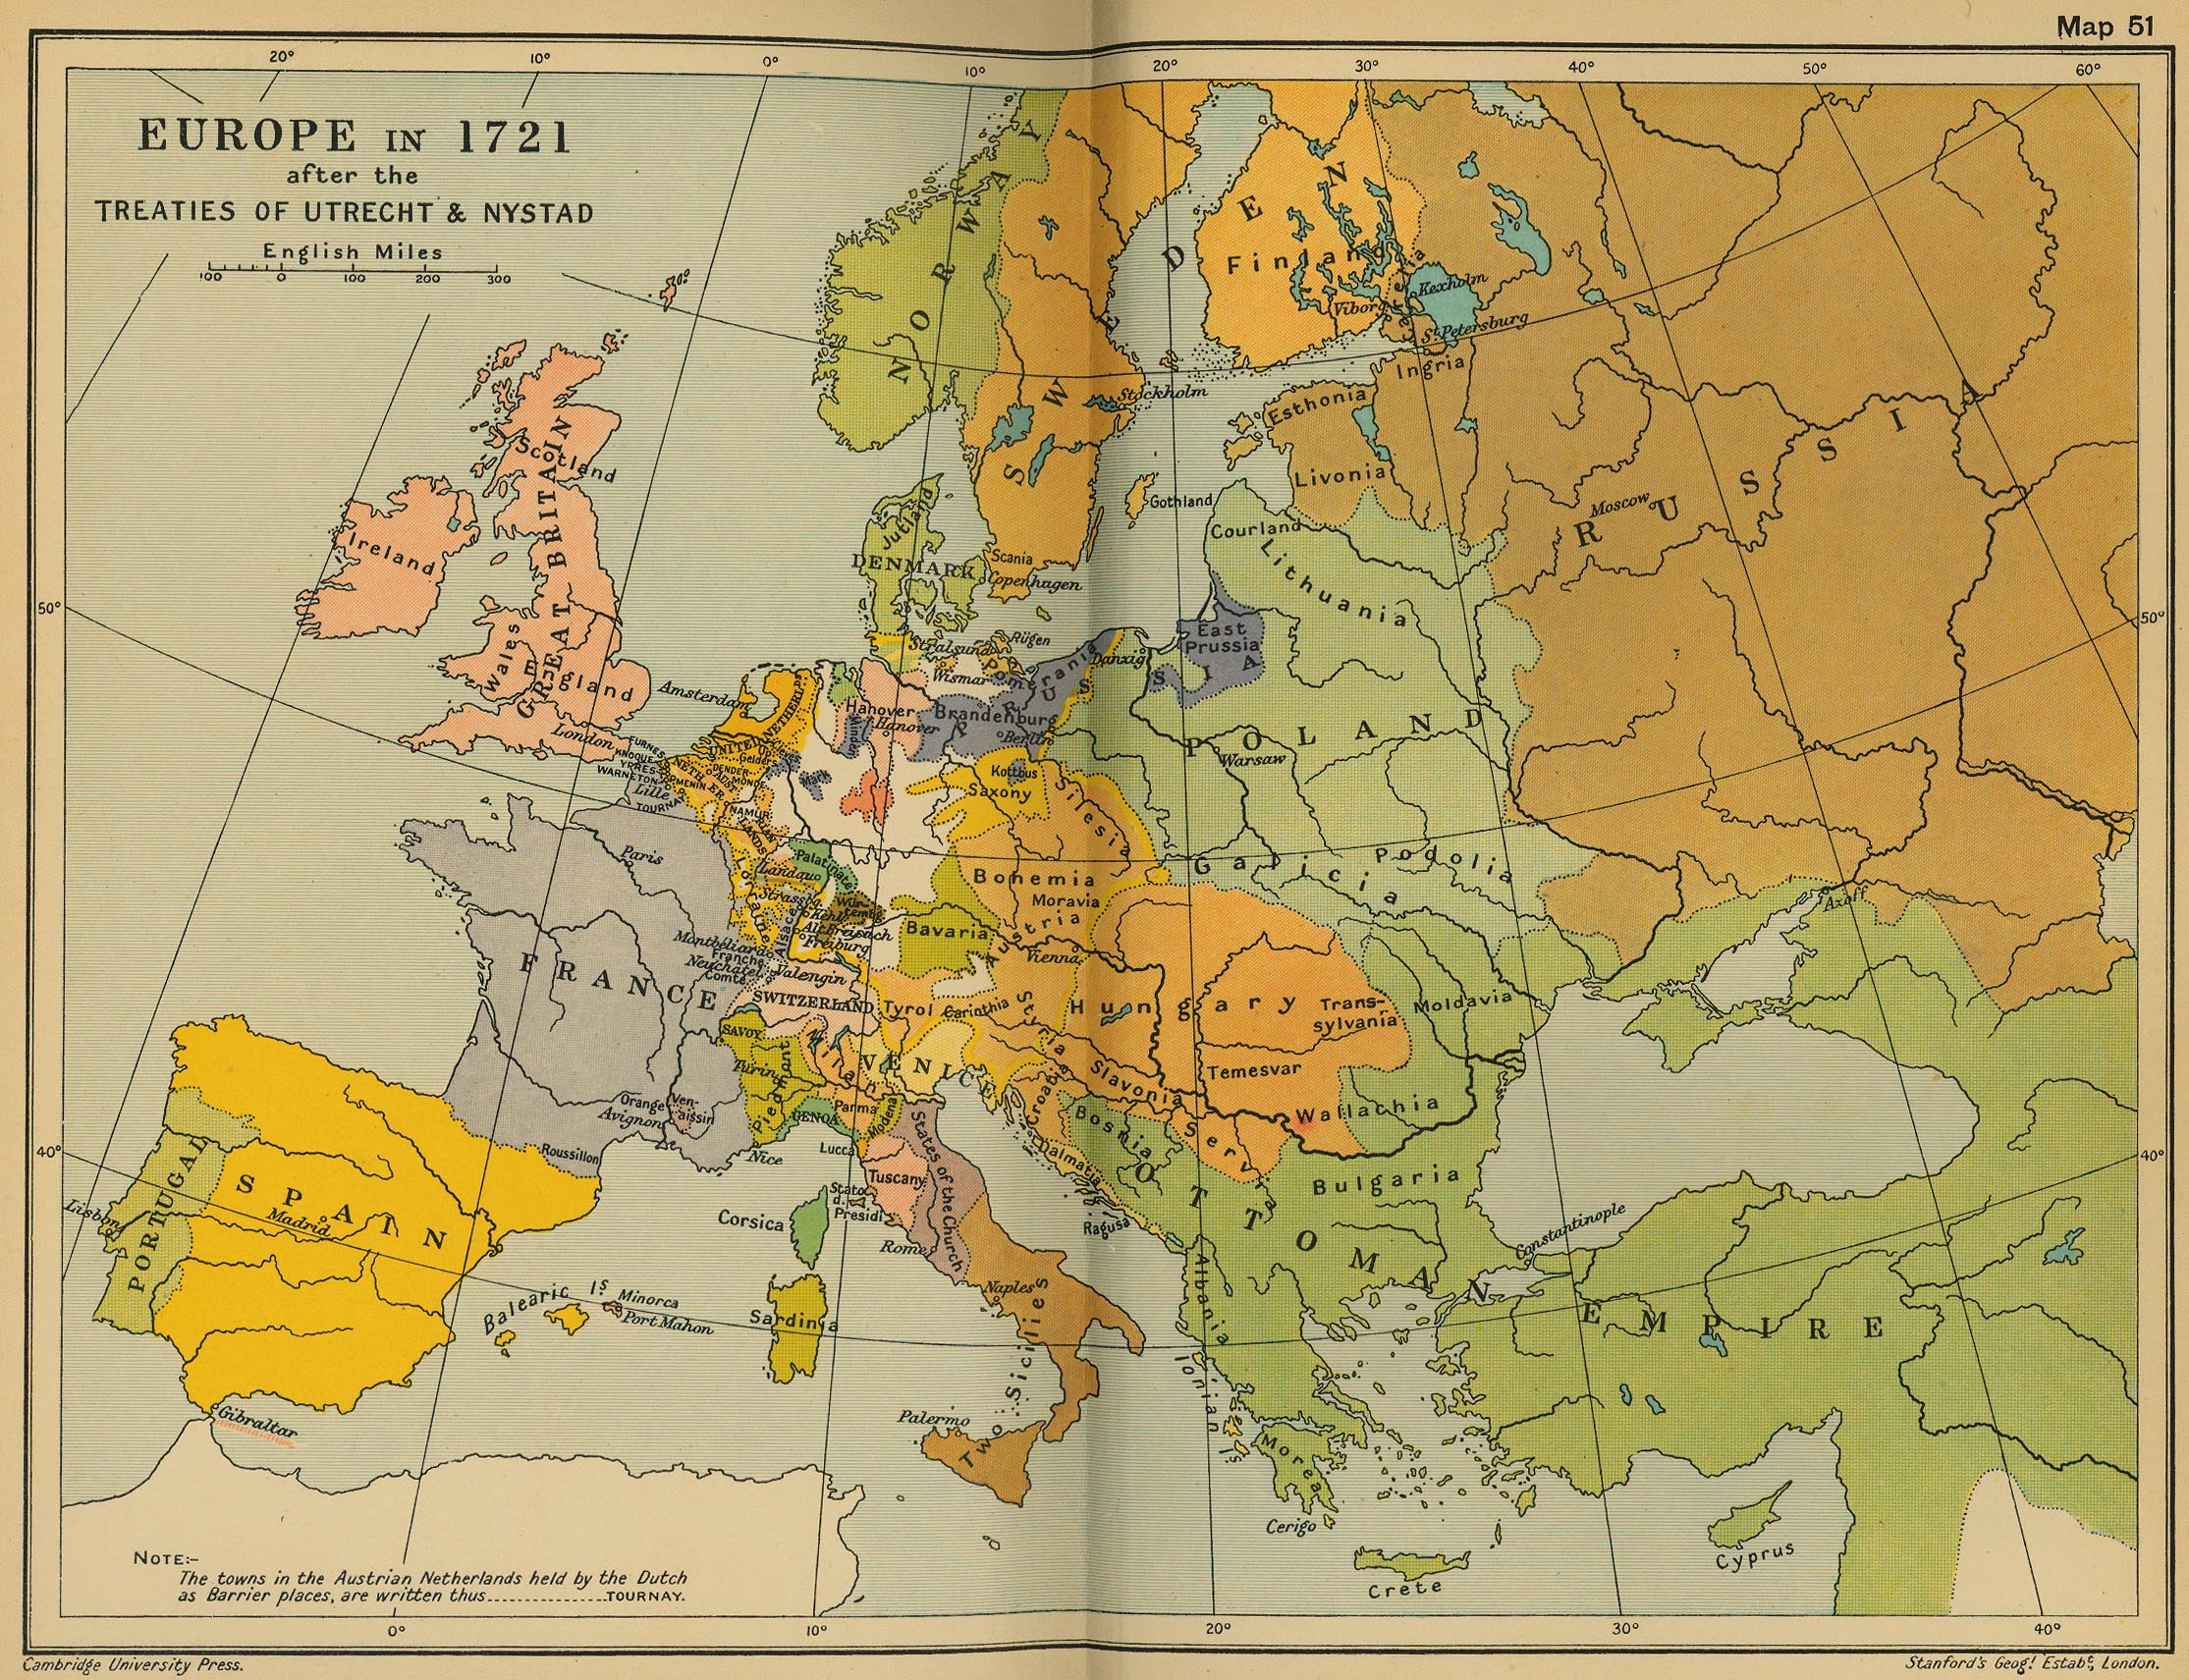 Gioco: Conta per immagini (1501-2250) - Pagina 15 Europe_1721